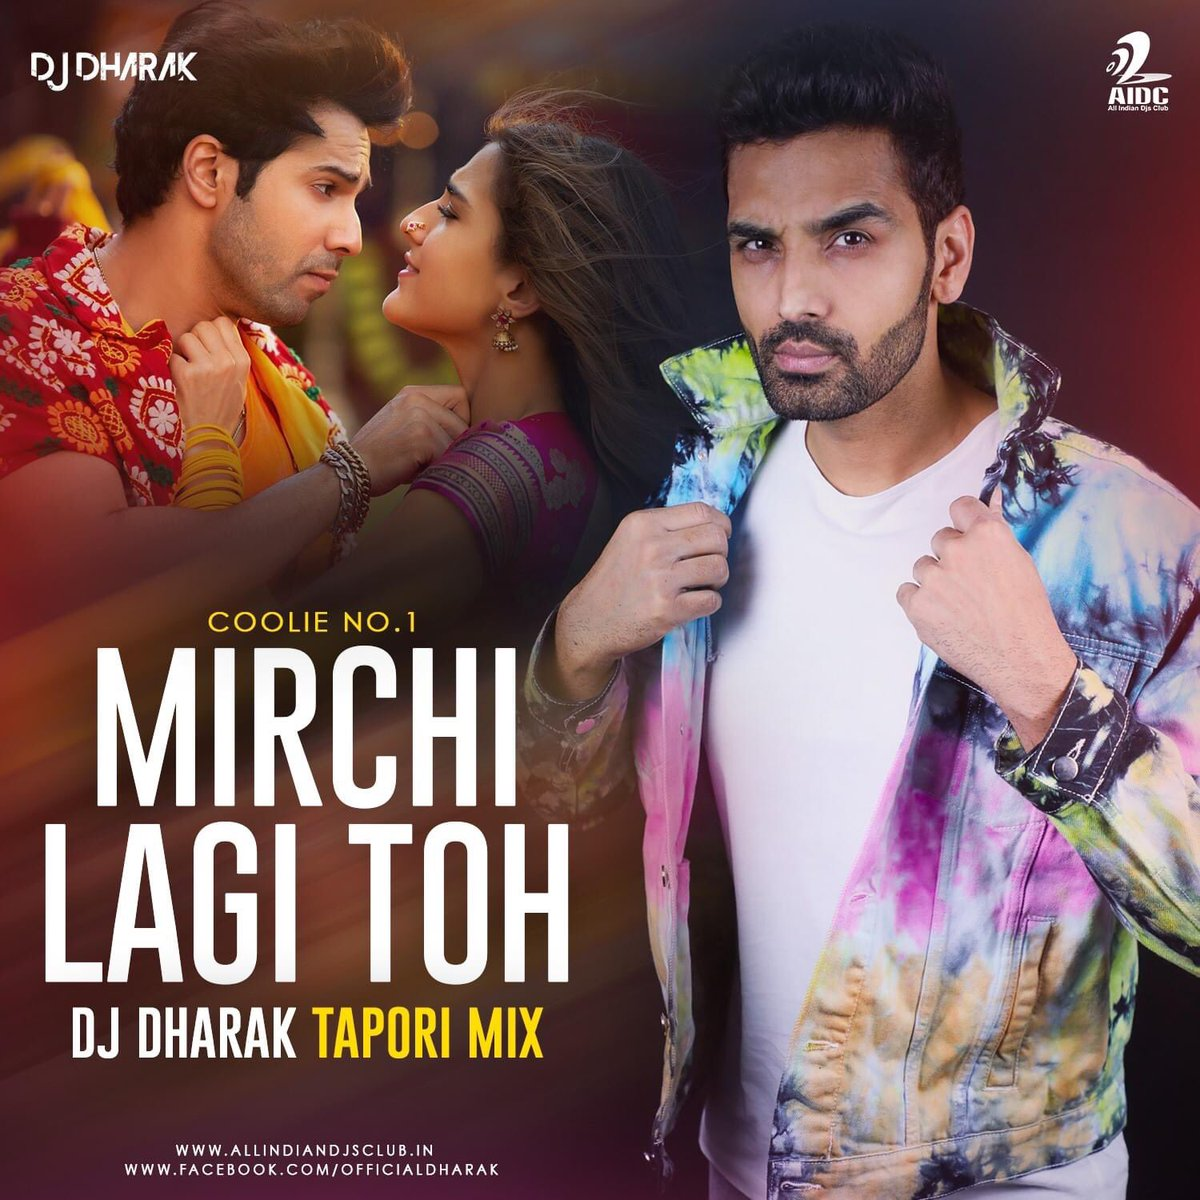 Mirchi Lagi Toh (Tapori Mix) - DJ Dharak  Download Mp3:   #mirchilagitoh #taporimix #DJDharak #aidc